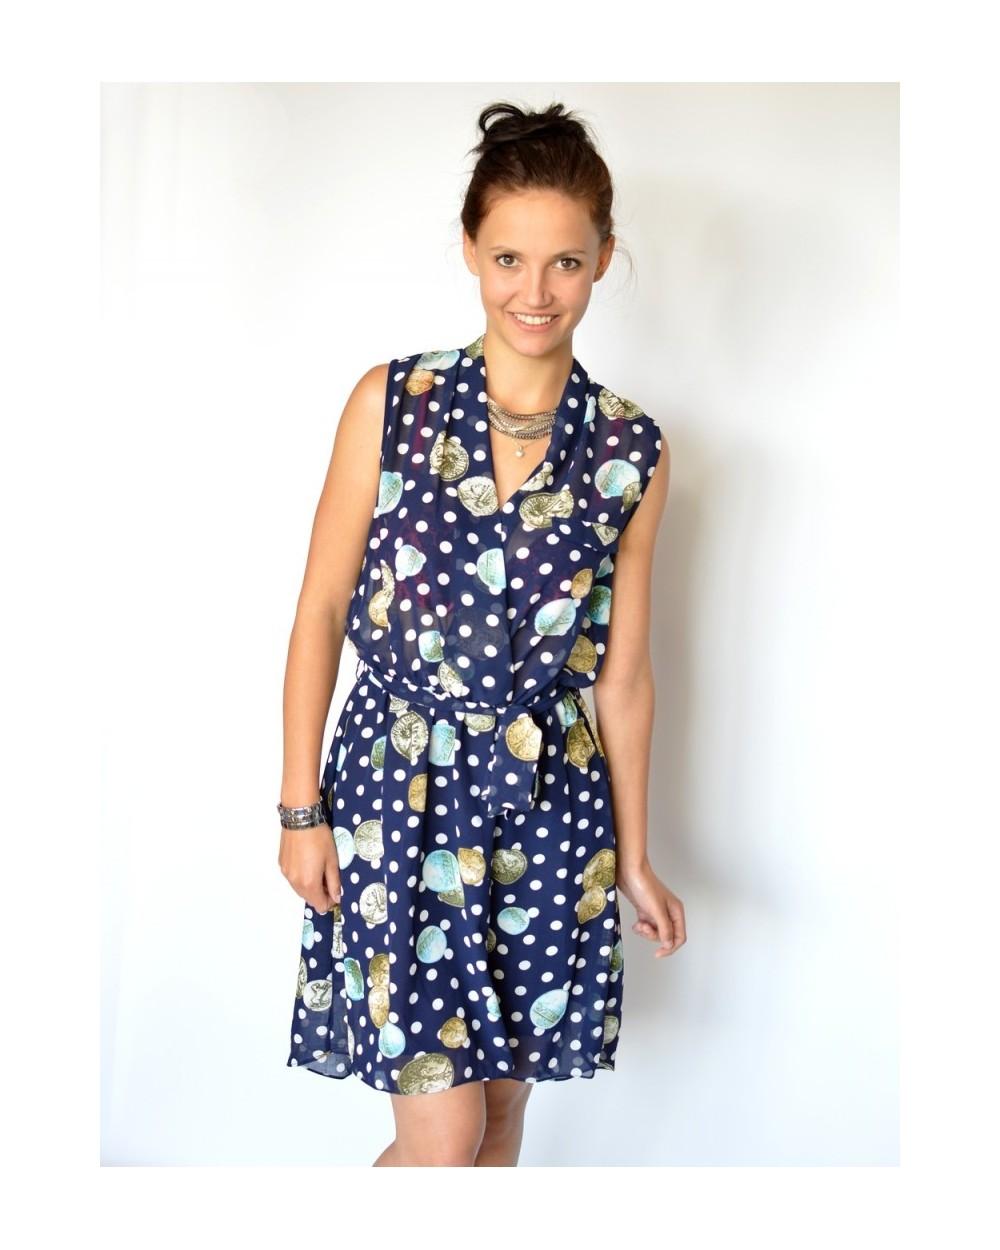 288add4441 Kobiety kochają letnie sukienki. Za co  Otóż pięknie podkreślają kobiecość